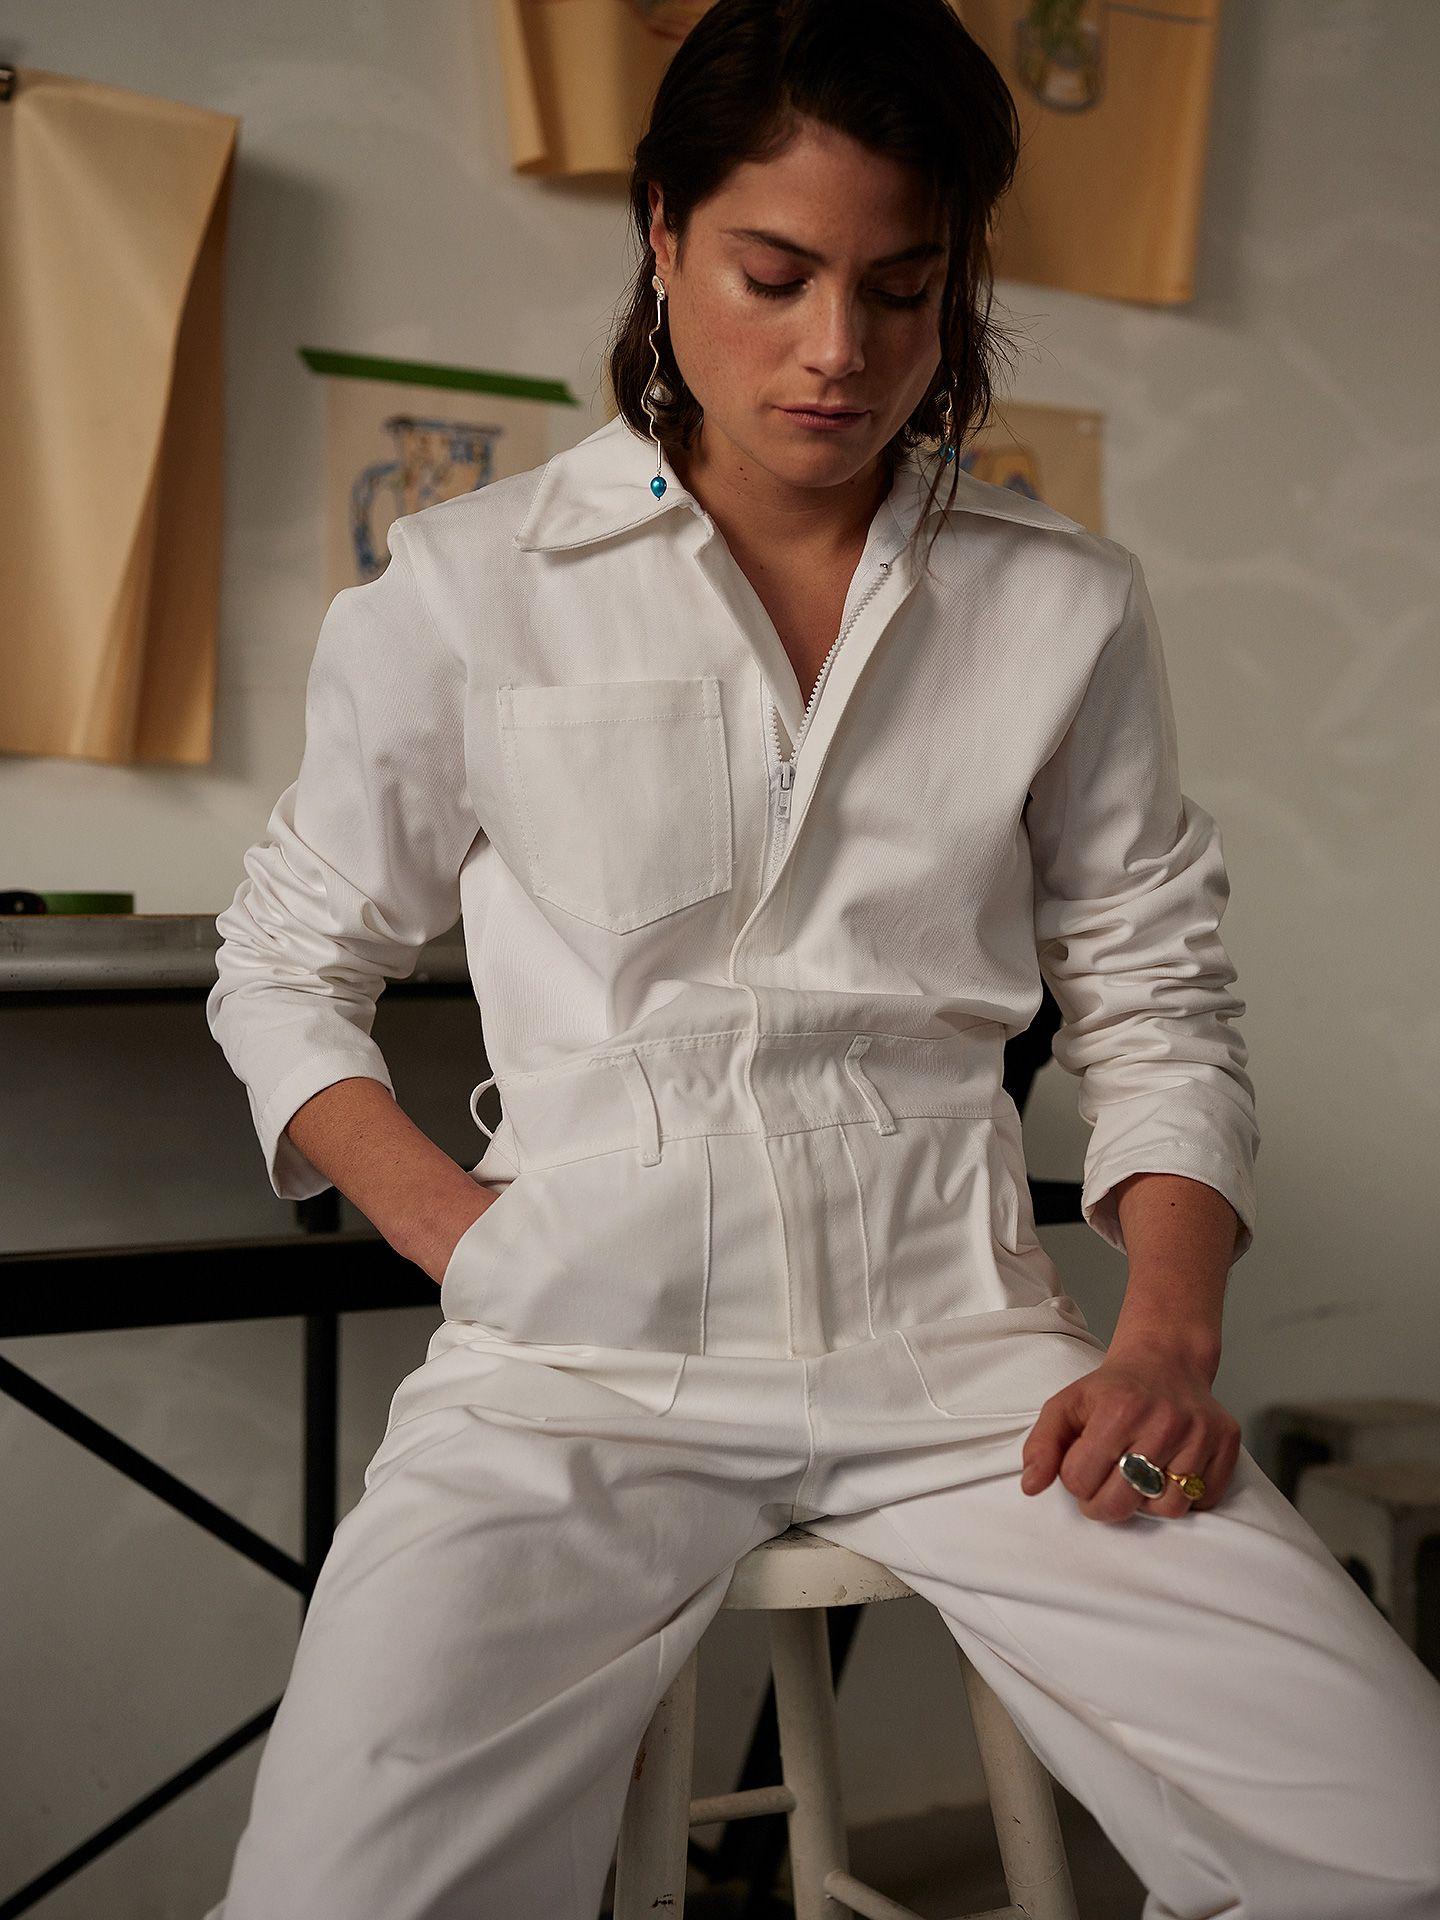 model shot by Maxyme G Delisle for Nina.Nanas Dada Collection